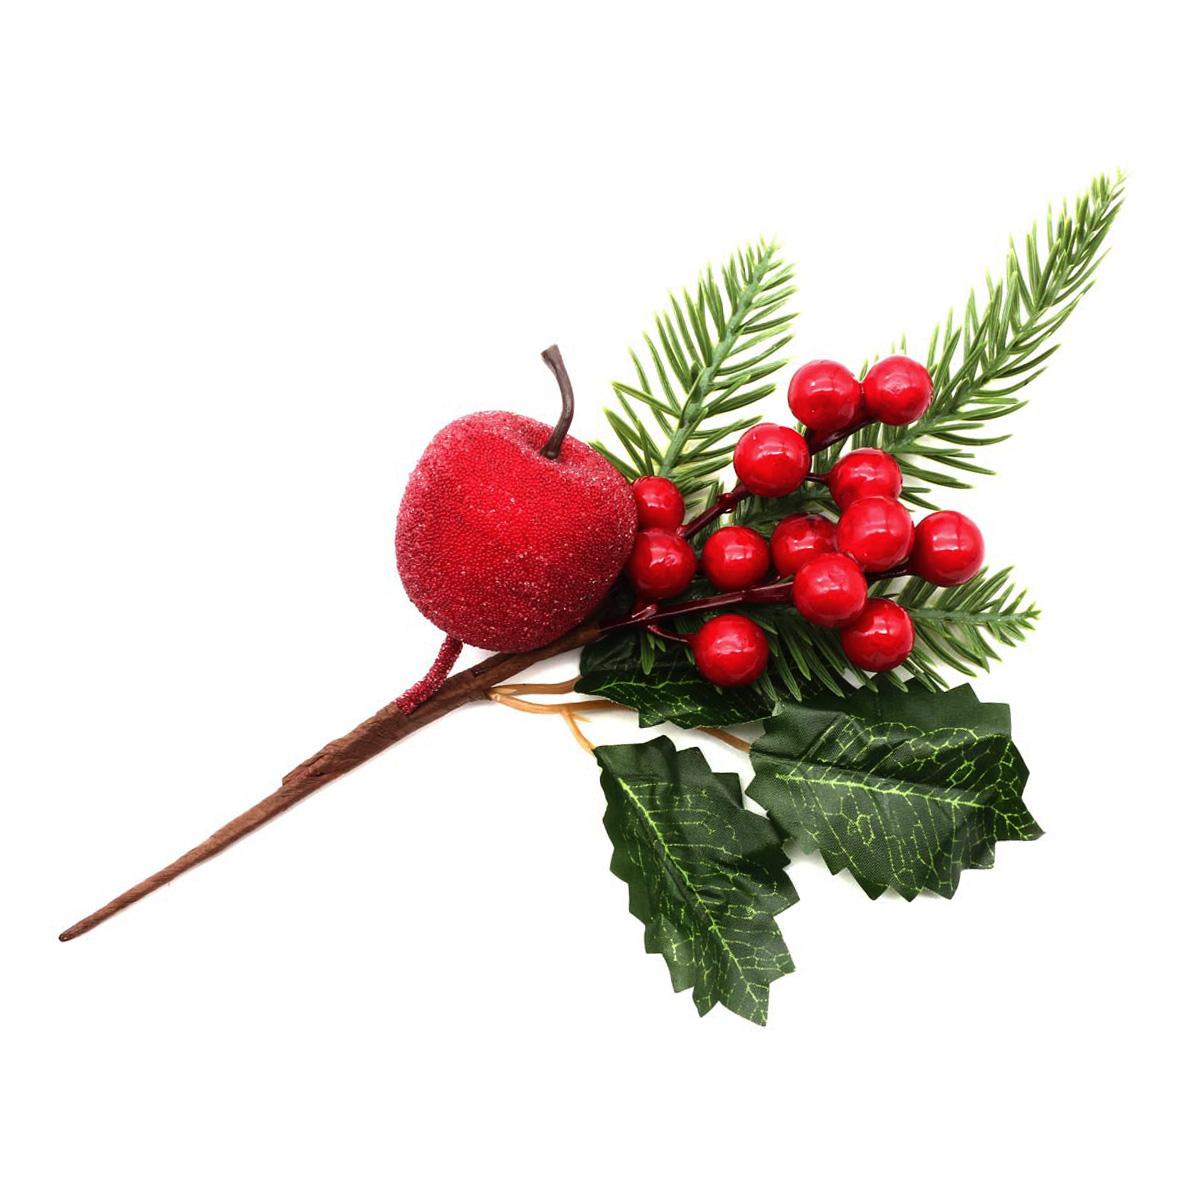 XY19-257 Ветка с красными ягодами, 16см